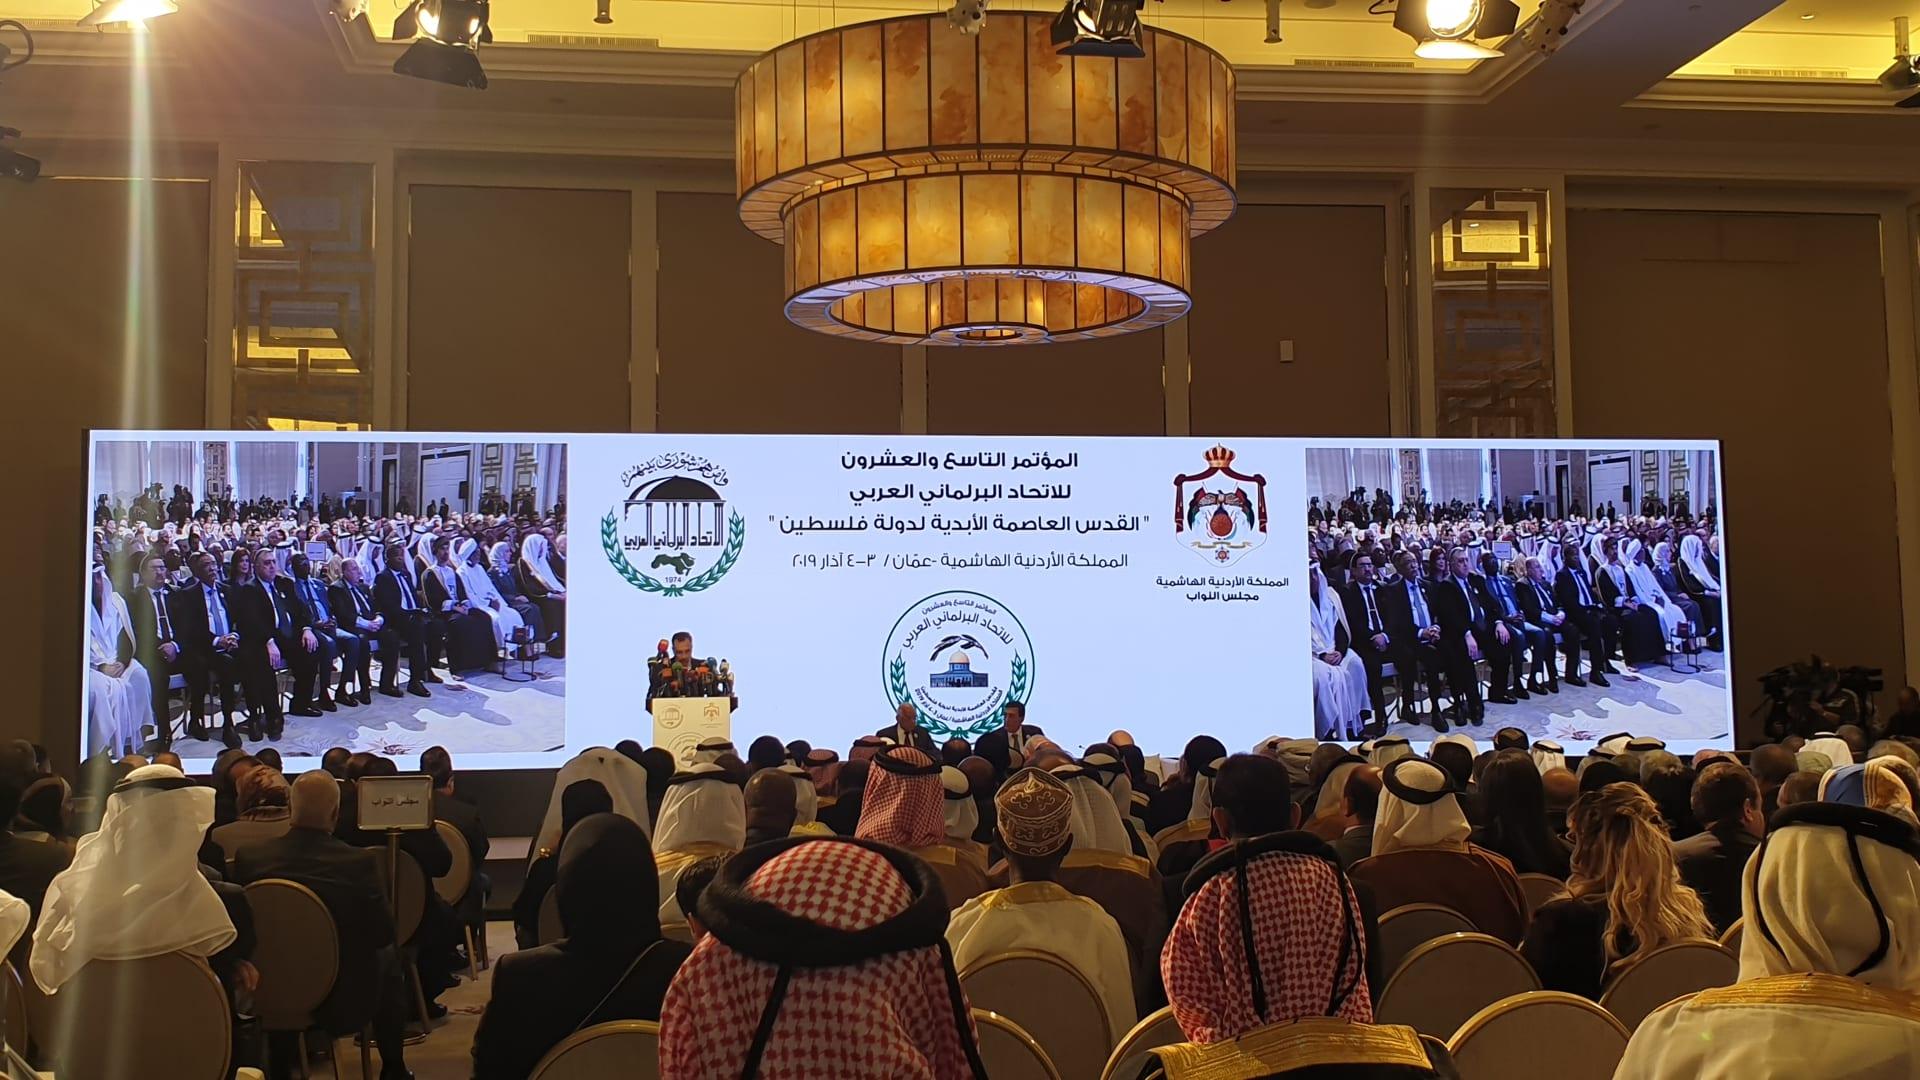 مصادر لـCNN: أجواء توافقية بحضور السعودية وسوريا في مؤتمر الاتحاد البرلماني العربي